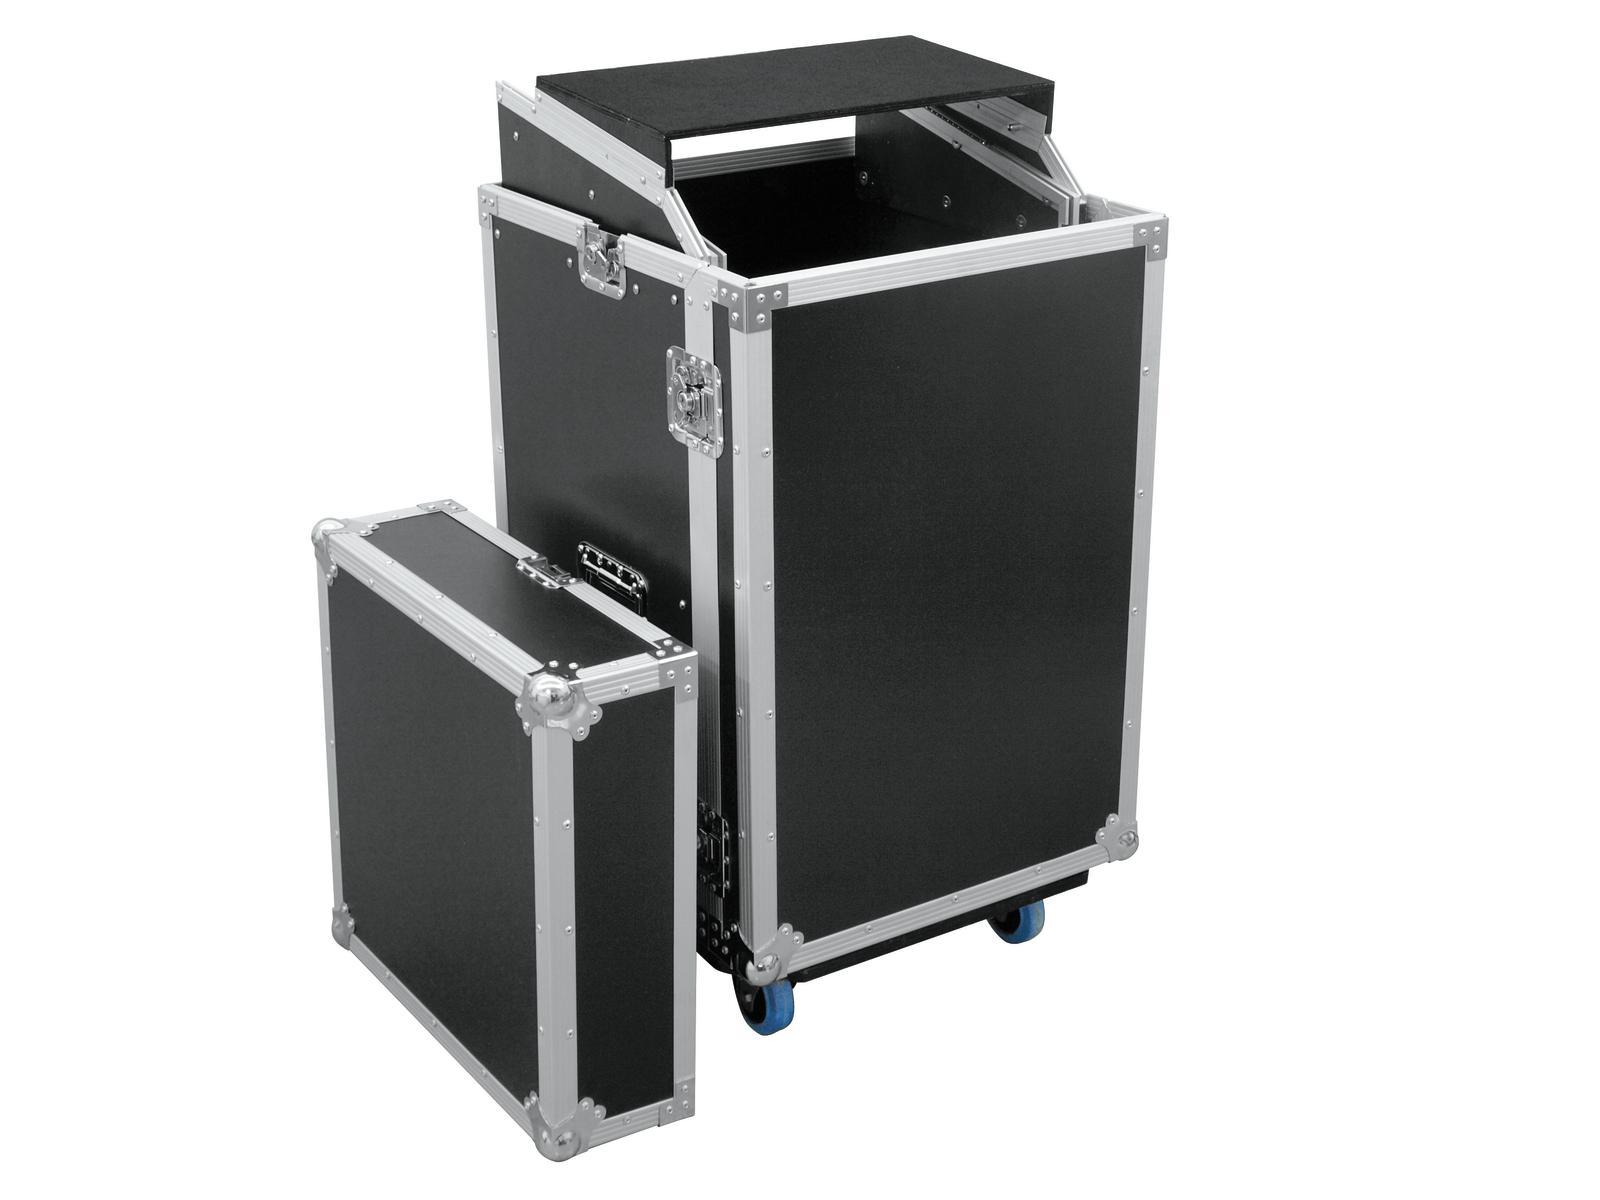 ROADINGER Spezial-Kombi-Case LS5 Laptop-Rack, 17HE